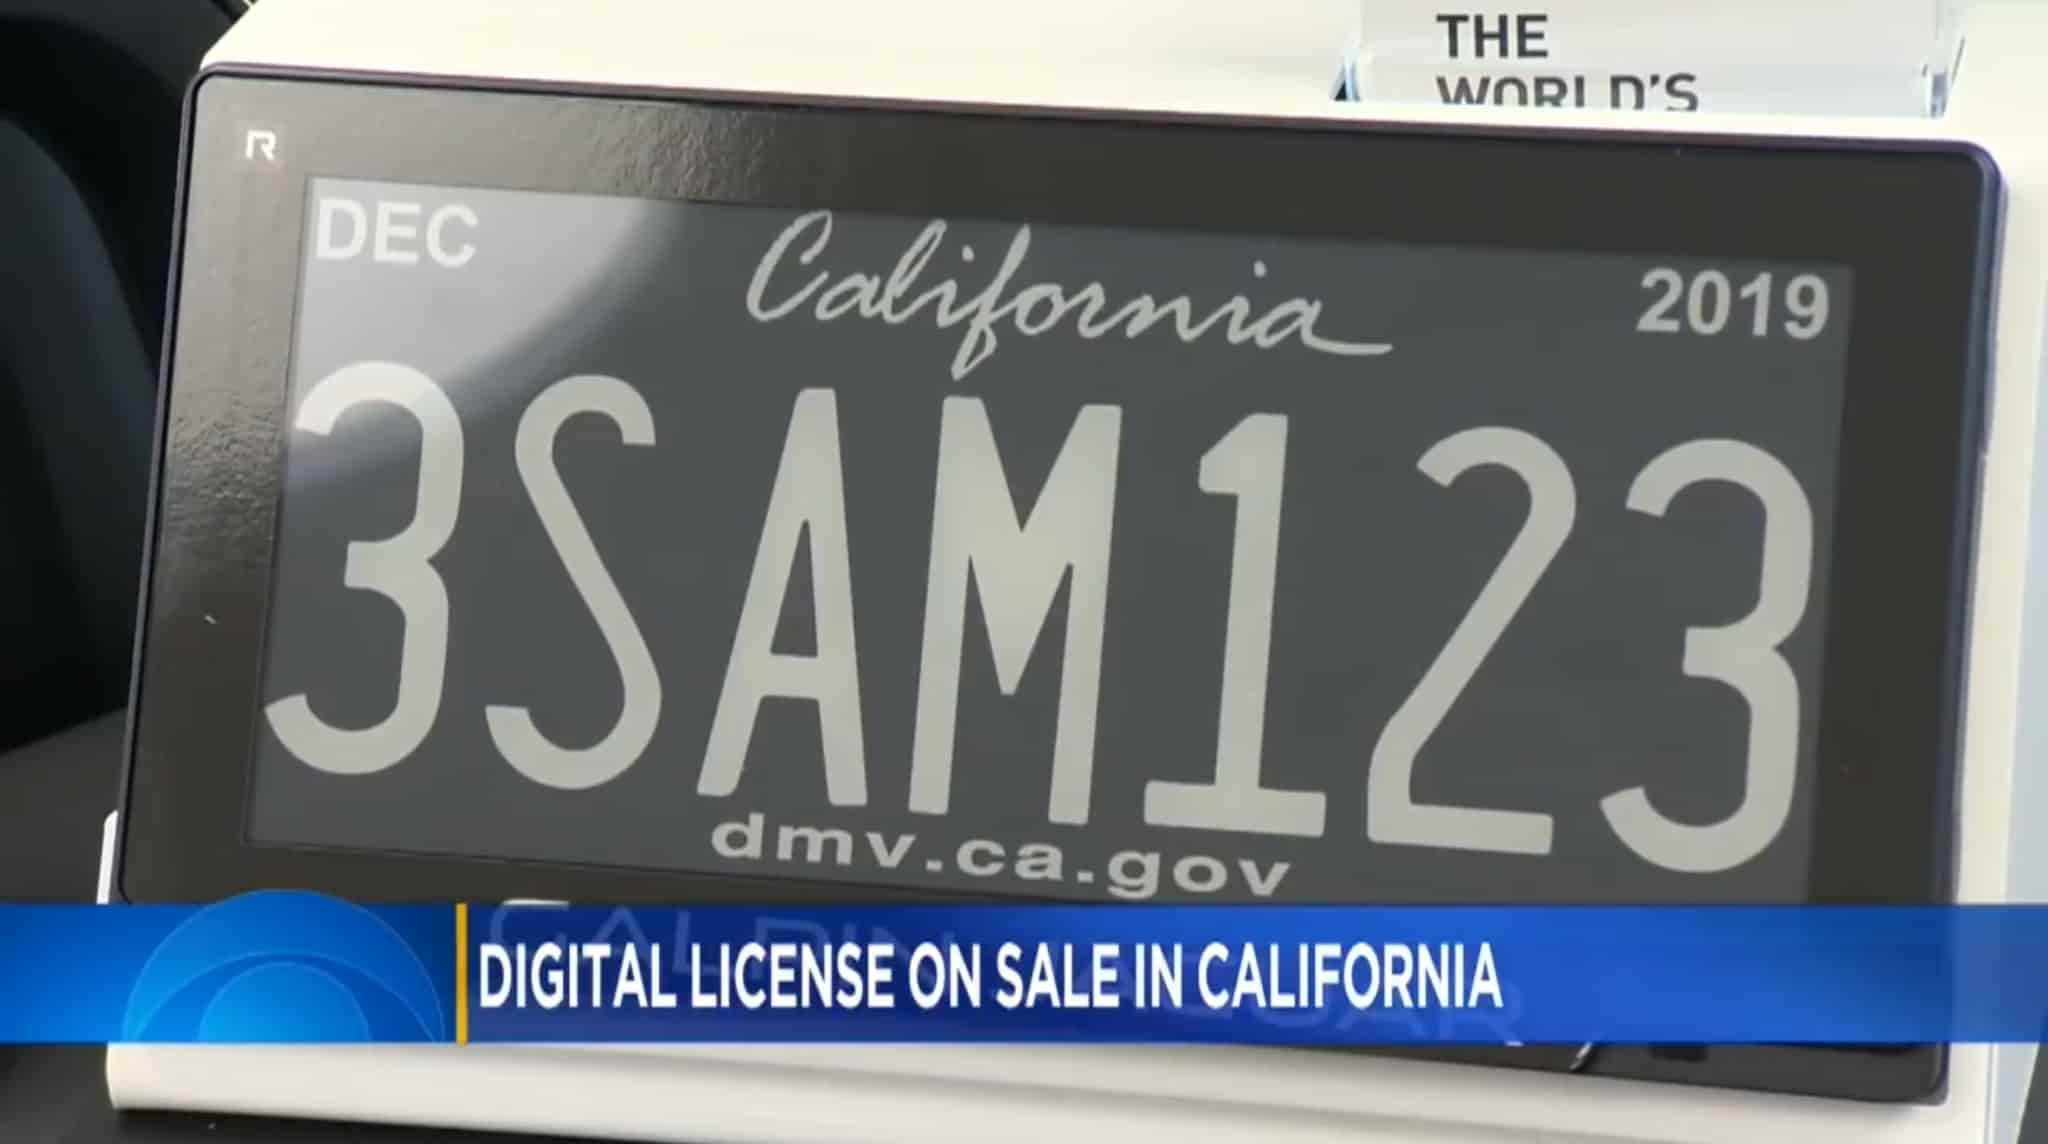 Автомобильные номера на электронных чернилах: новая пилотная программа в Калифорнии